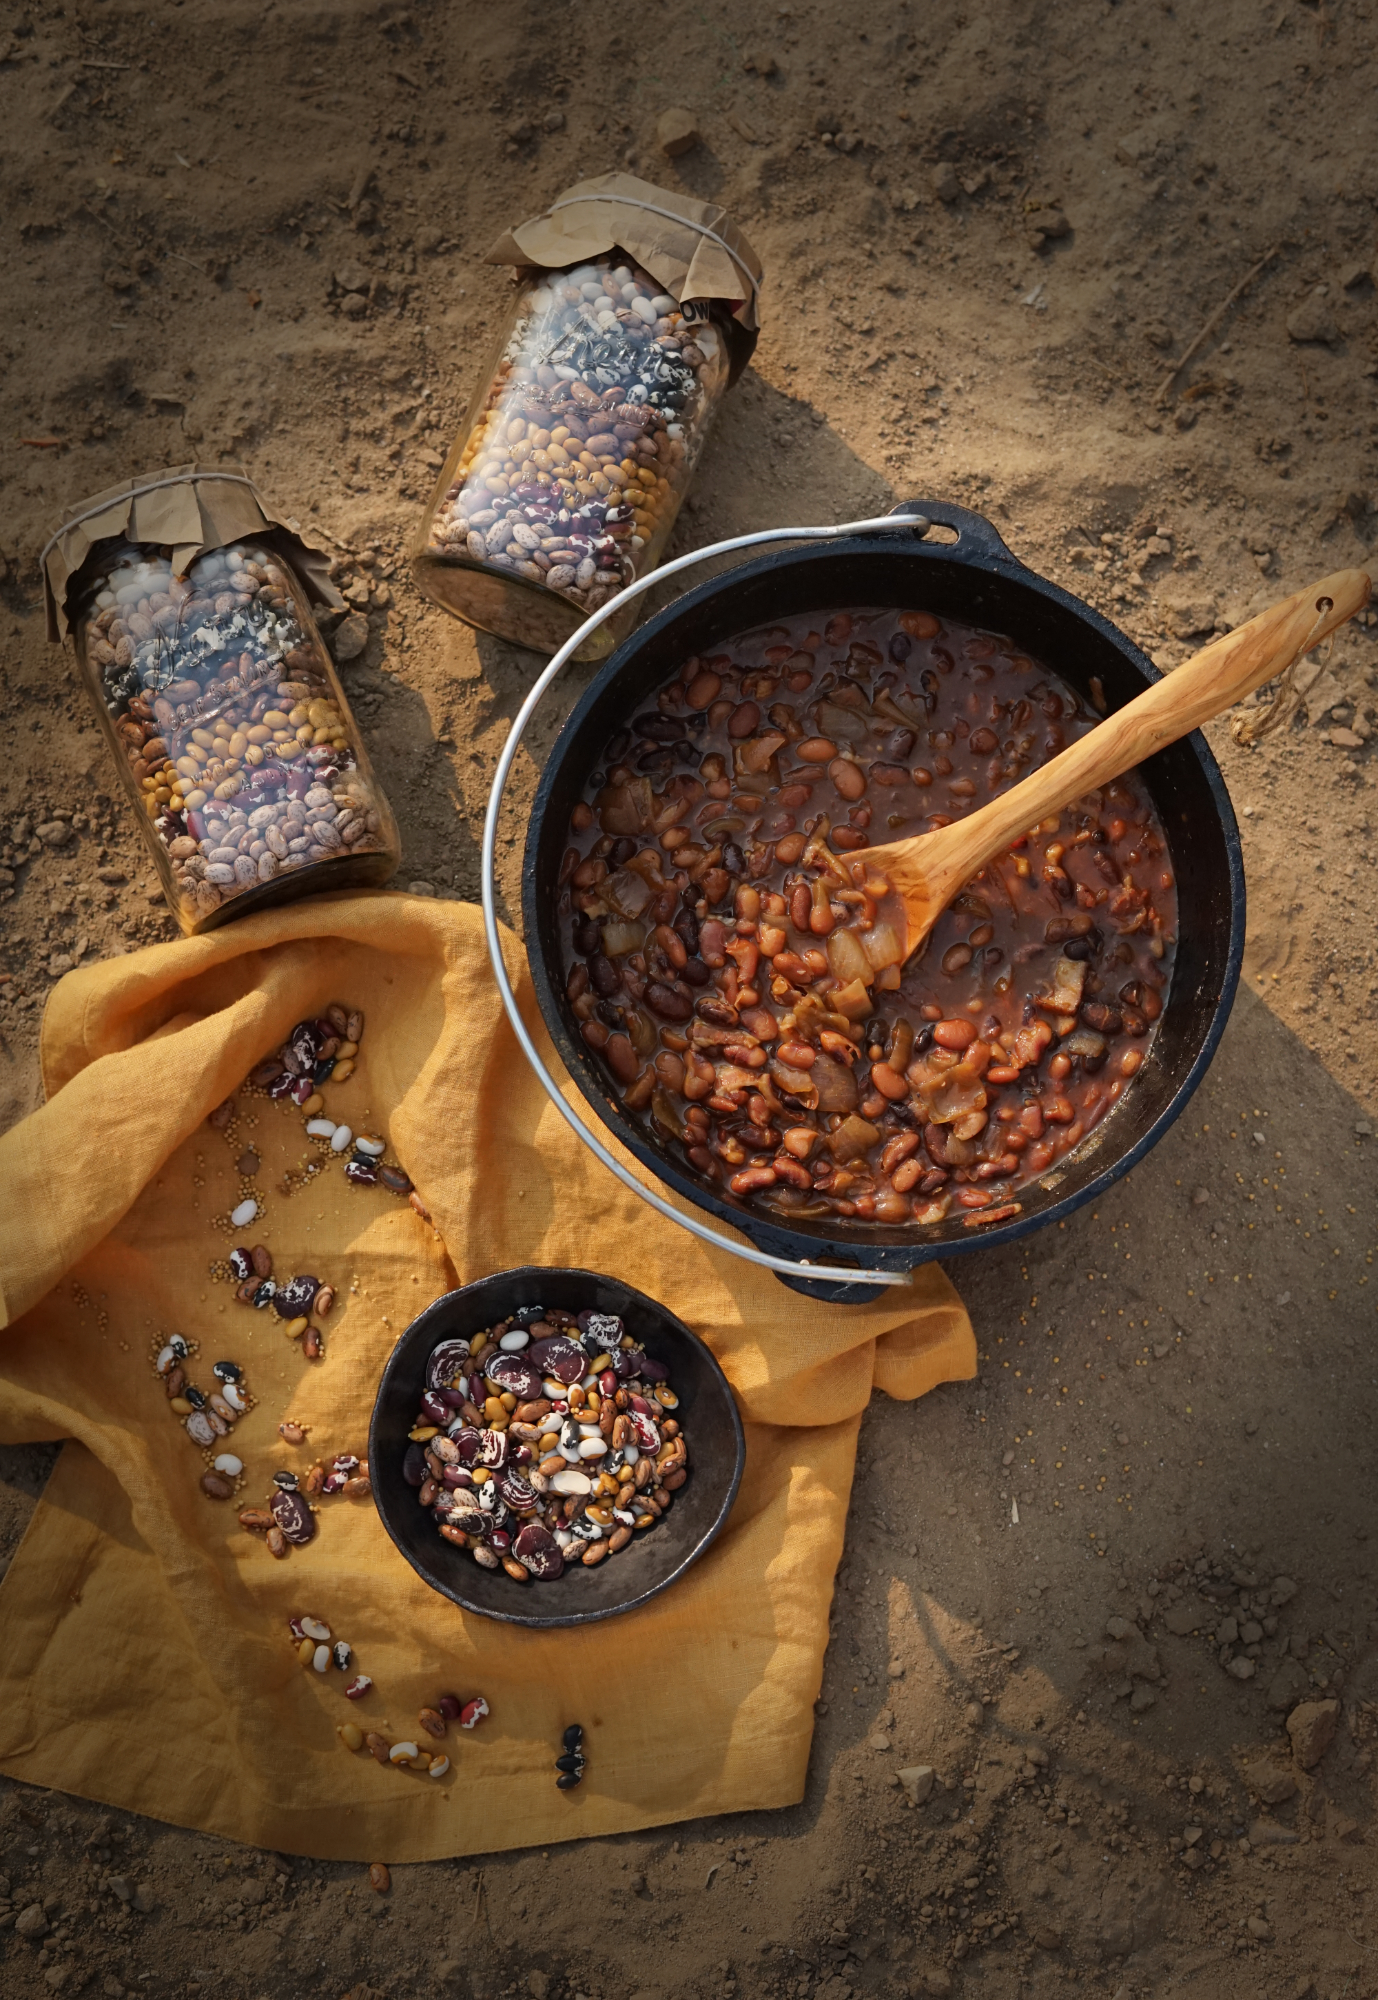 beanholebeans1small.jpg